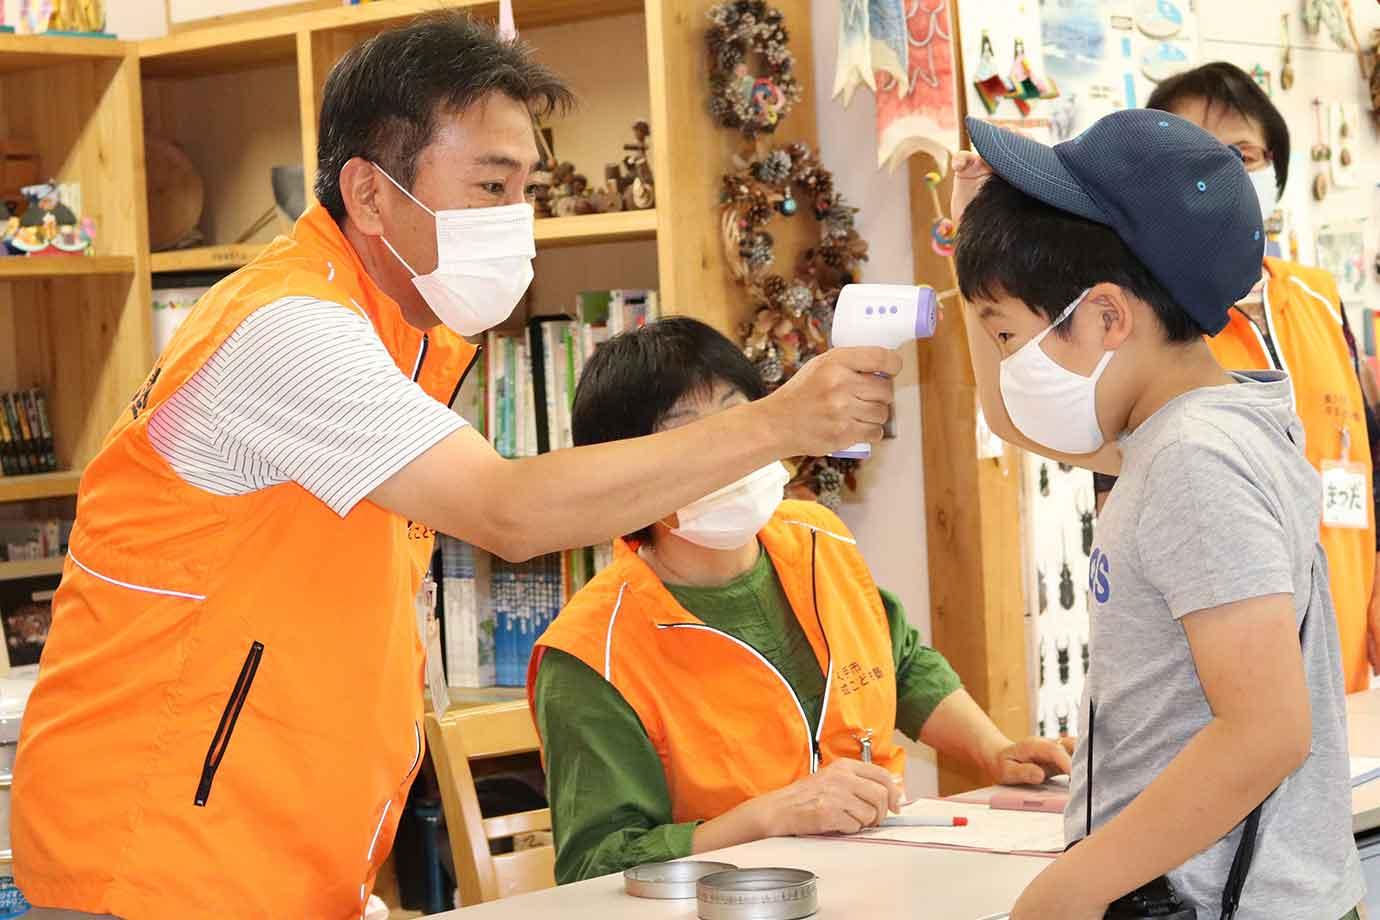 大人も子どもも、受付で検温などの新型コロナ感染症防止対策を実施